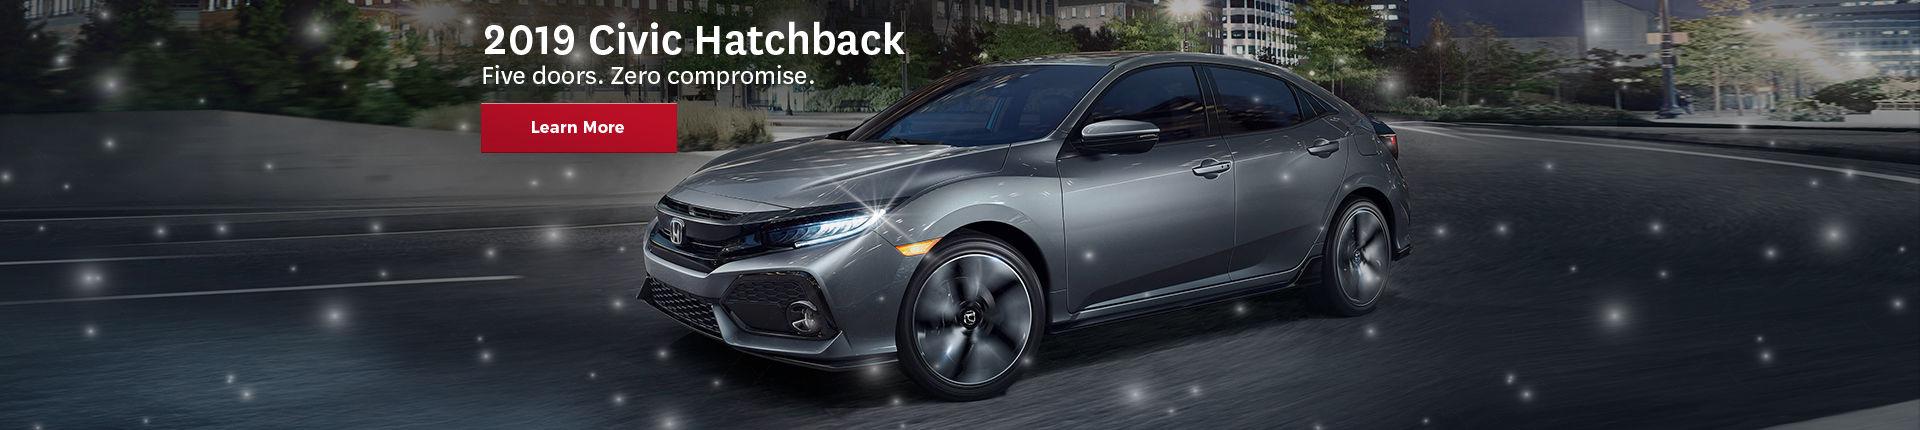 2019 Civic Hatchback